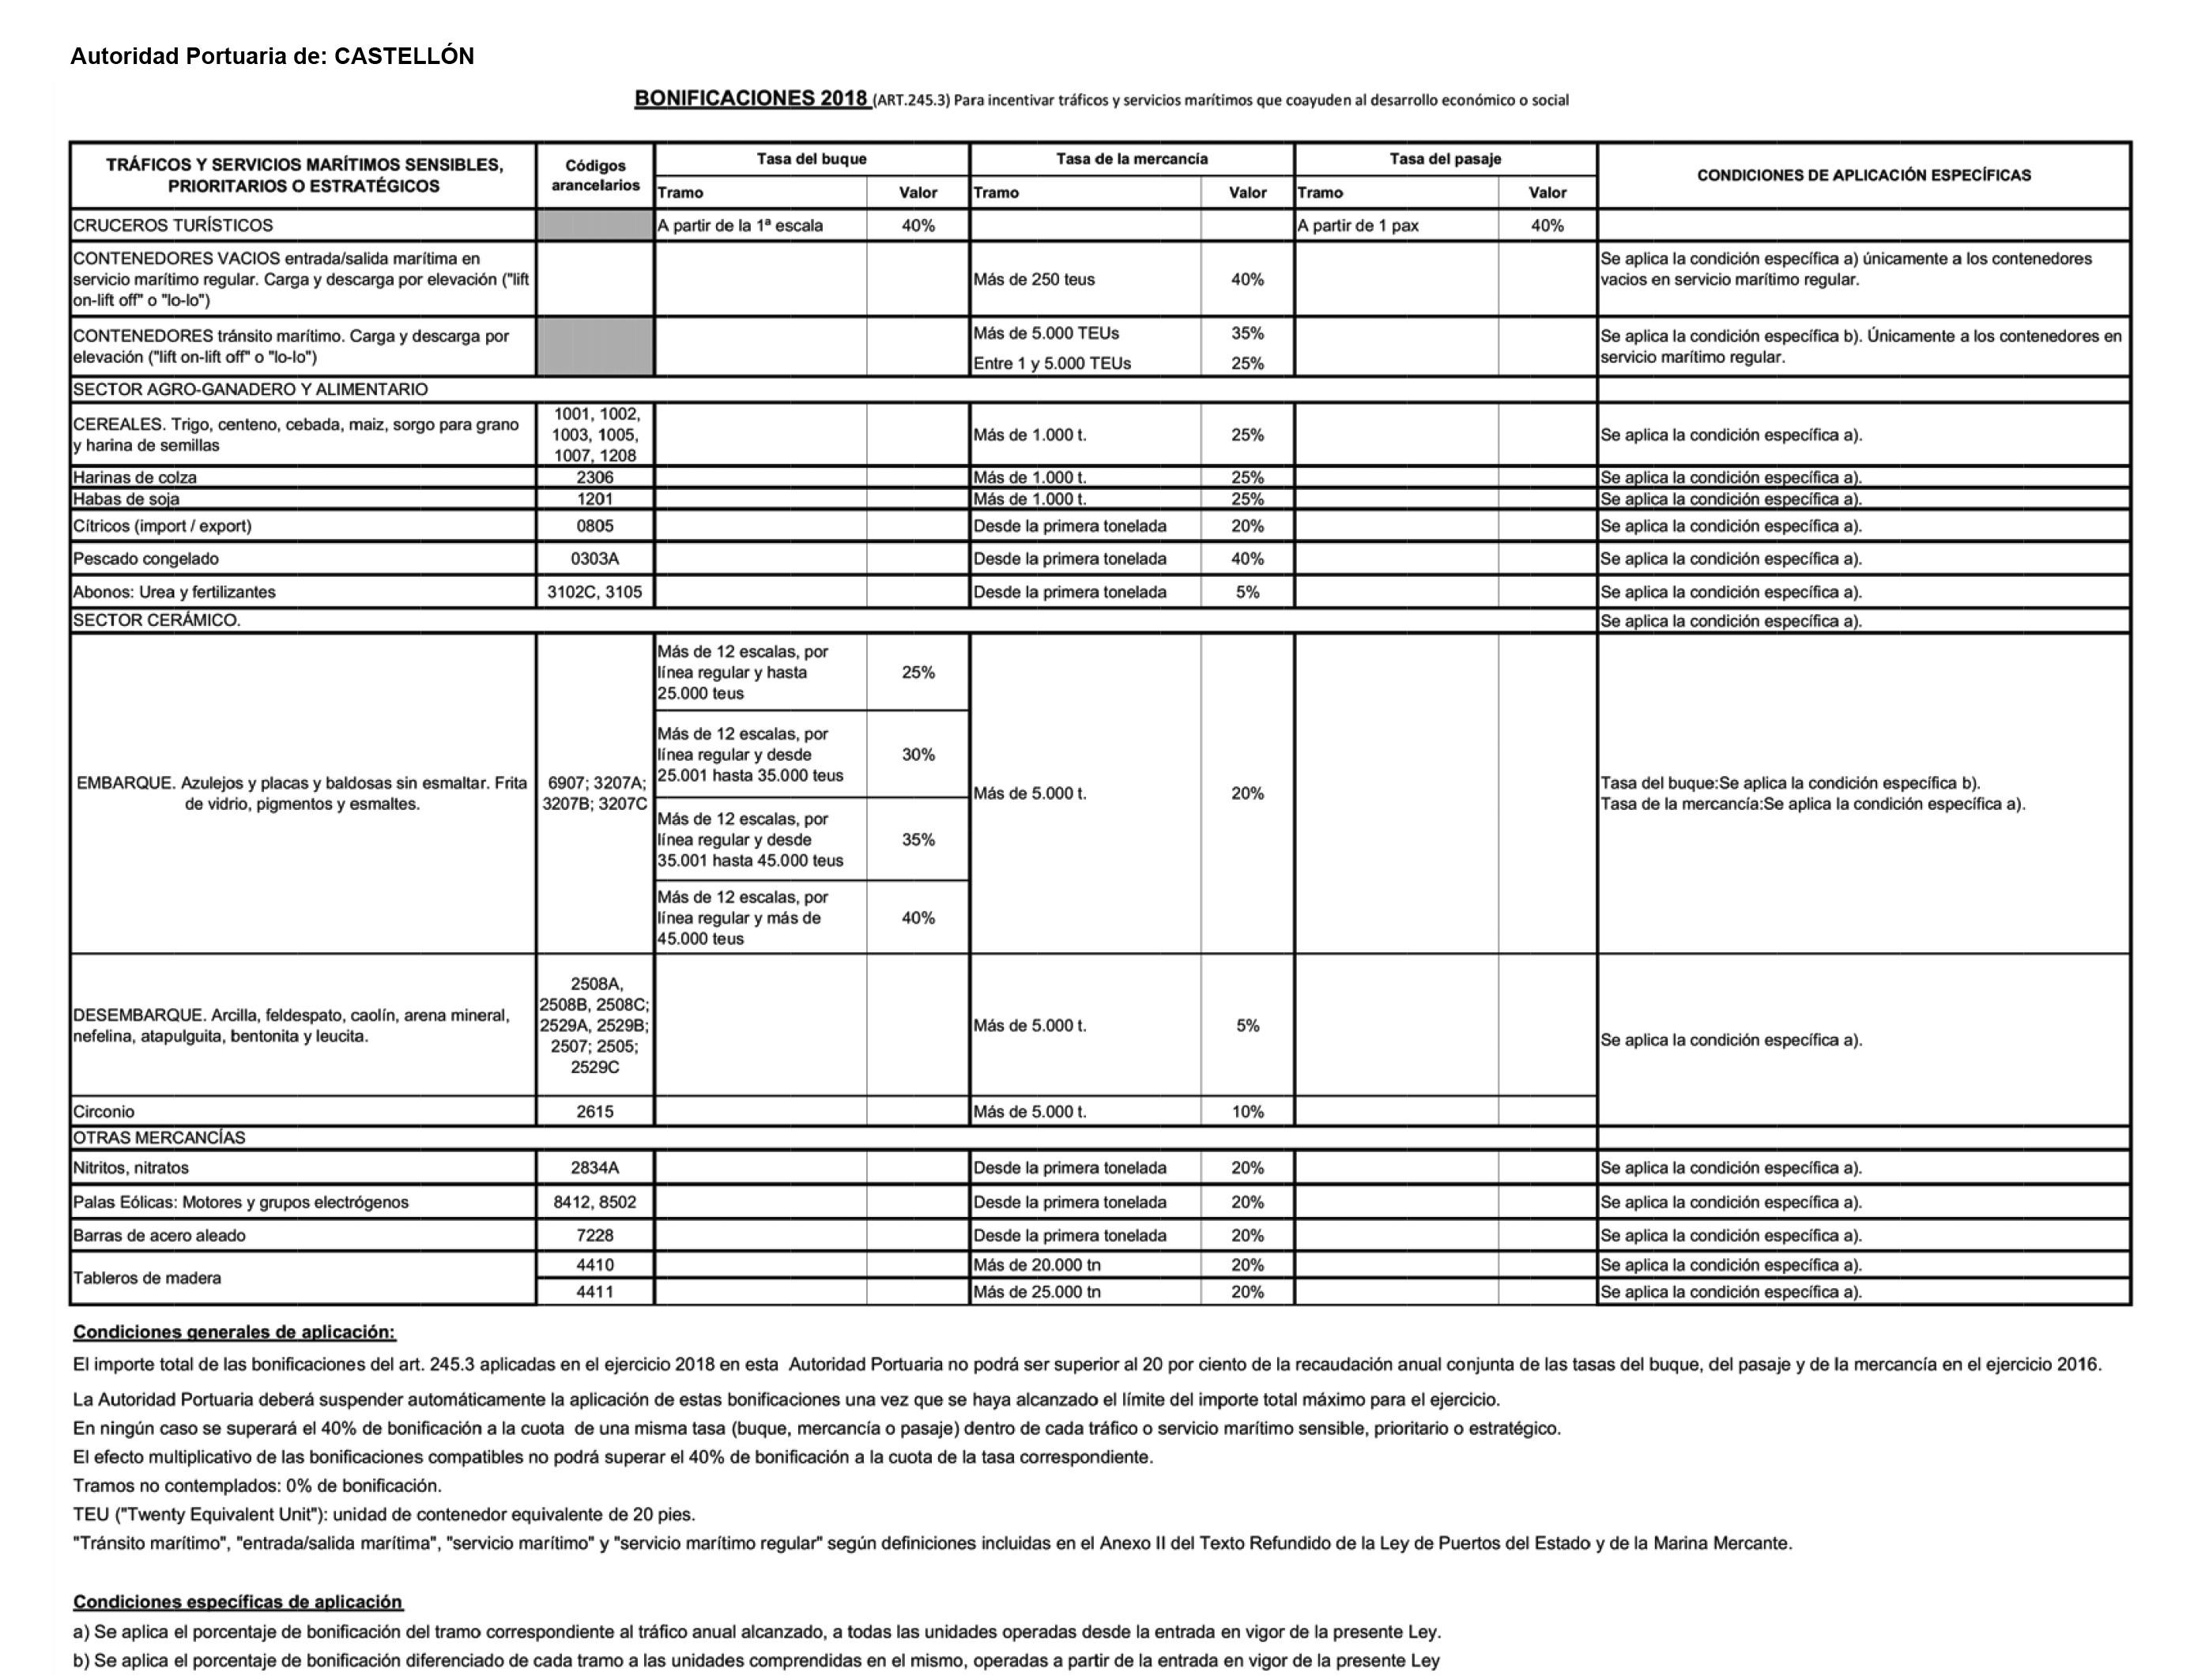 Calendario Laboral 2019 Bilbao Más Recientes Boe Documento Consolidado Boe A 2018 9268 Of Calendario Laboral 2019 Bilbao Más Recientemente Liberado Boe Documento Consolidado Boe A 2018 9268